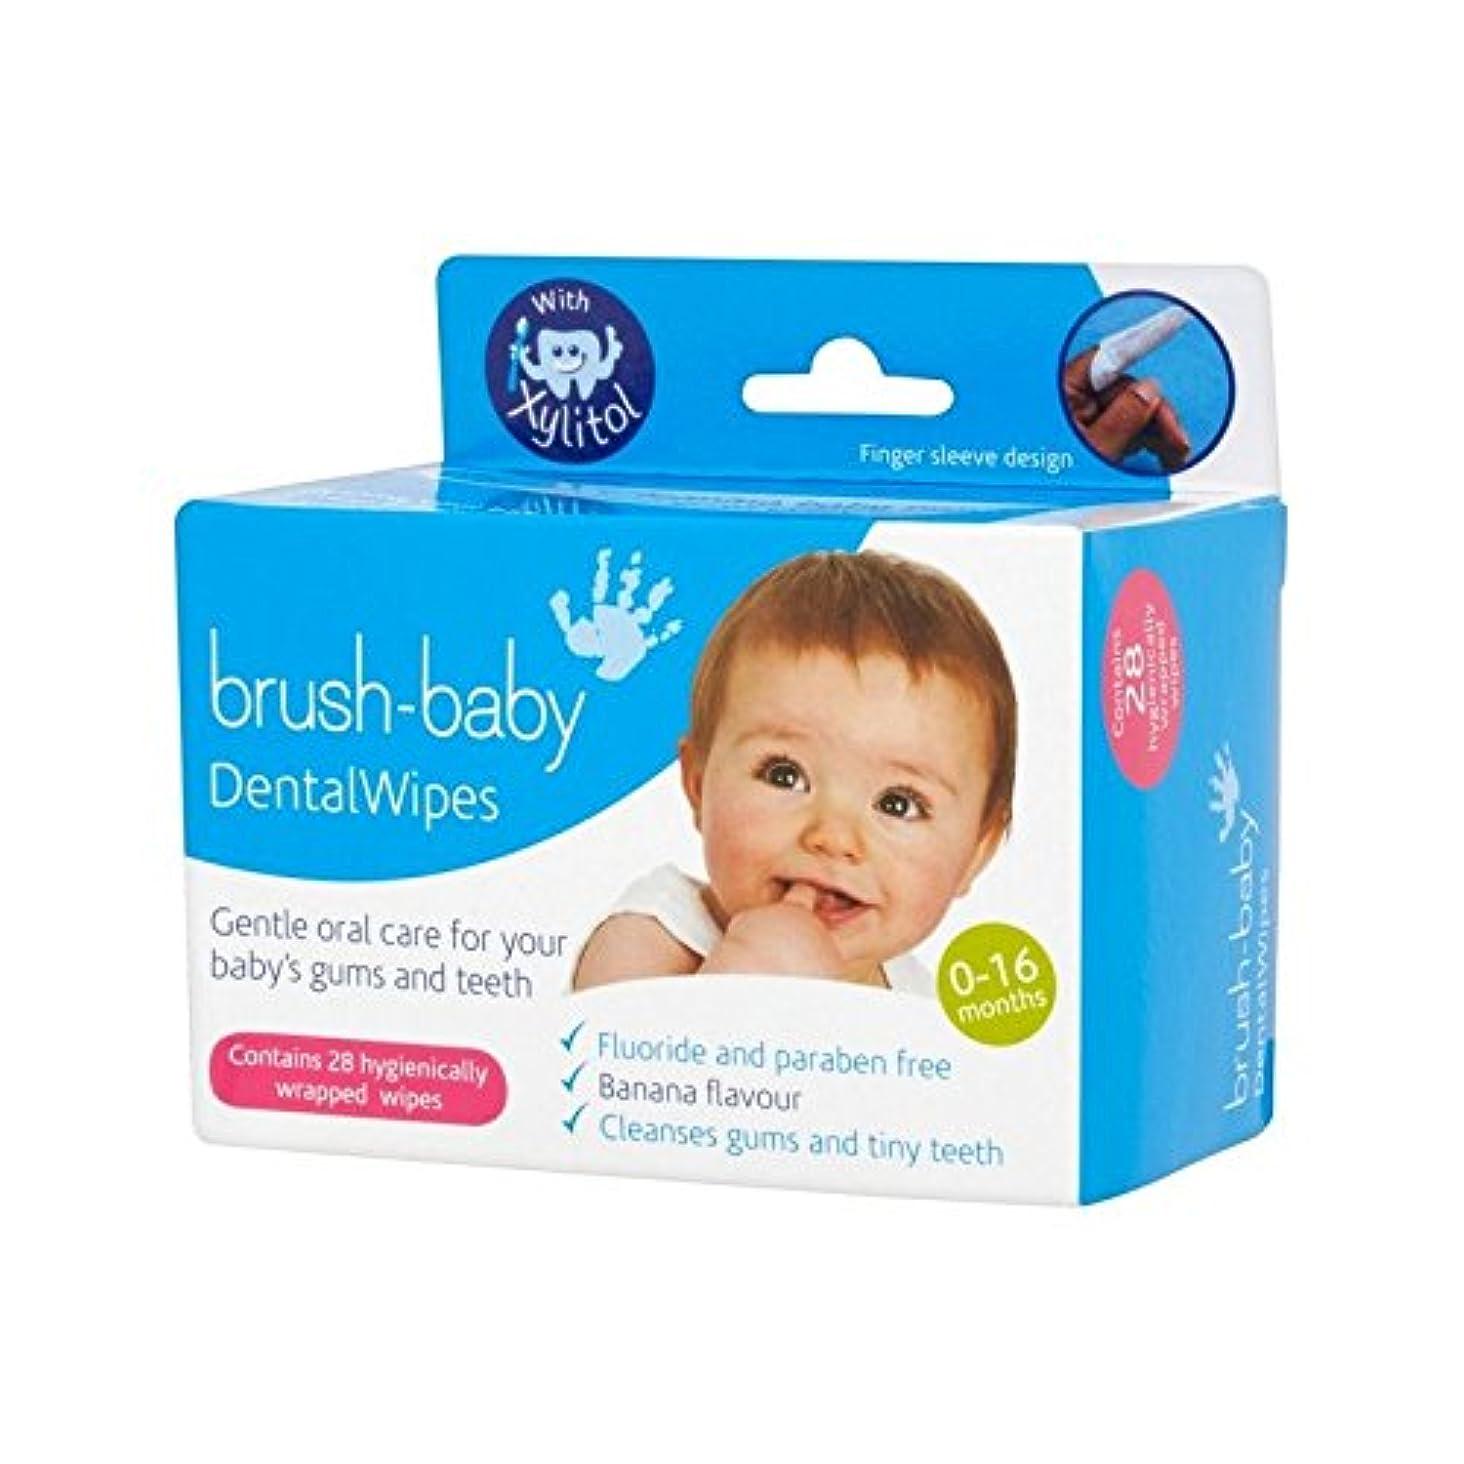 腸理想的には発生するブラシ赤ちゃん歯科ワイプ (Brush-Baby) (x 6) - Brush Baby Dental wipes (Pack of 6) [並行輸入品]